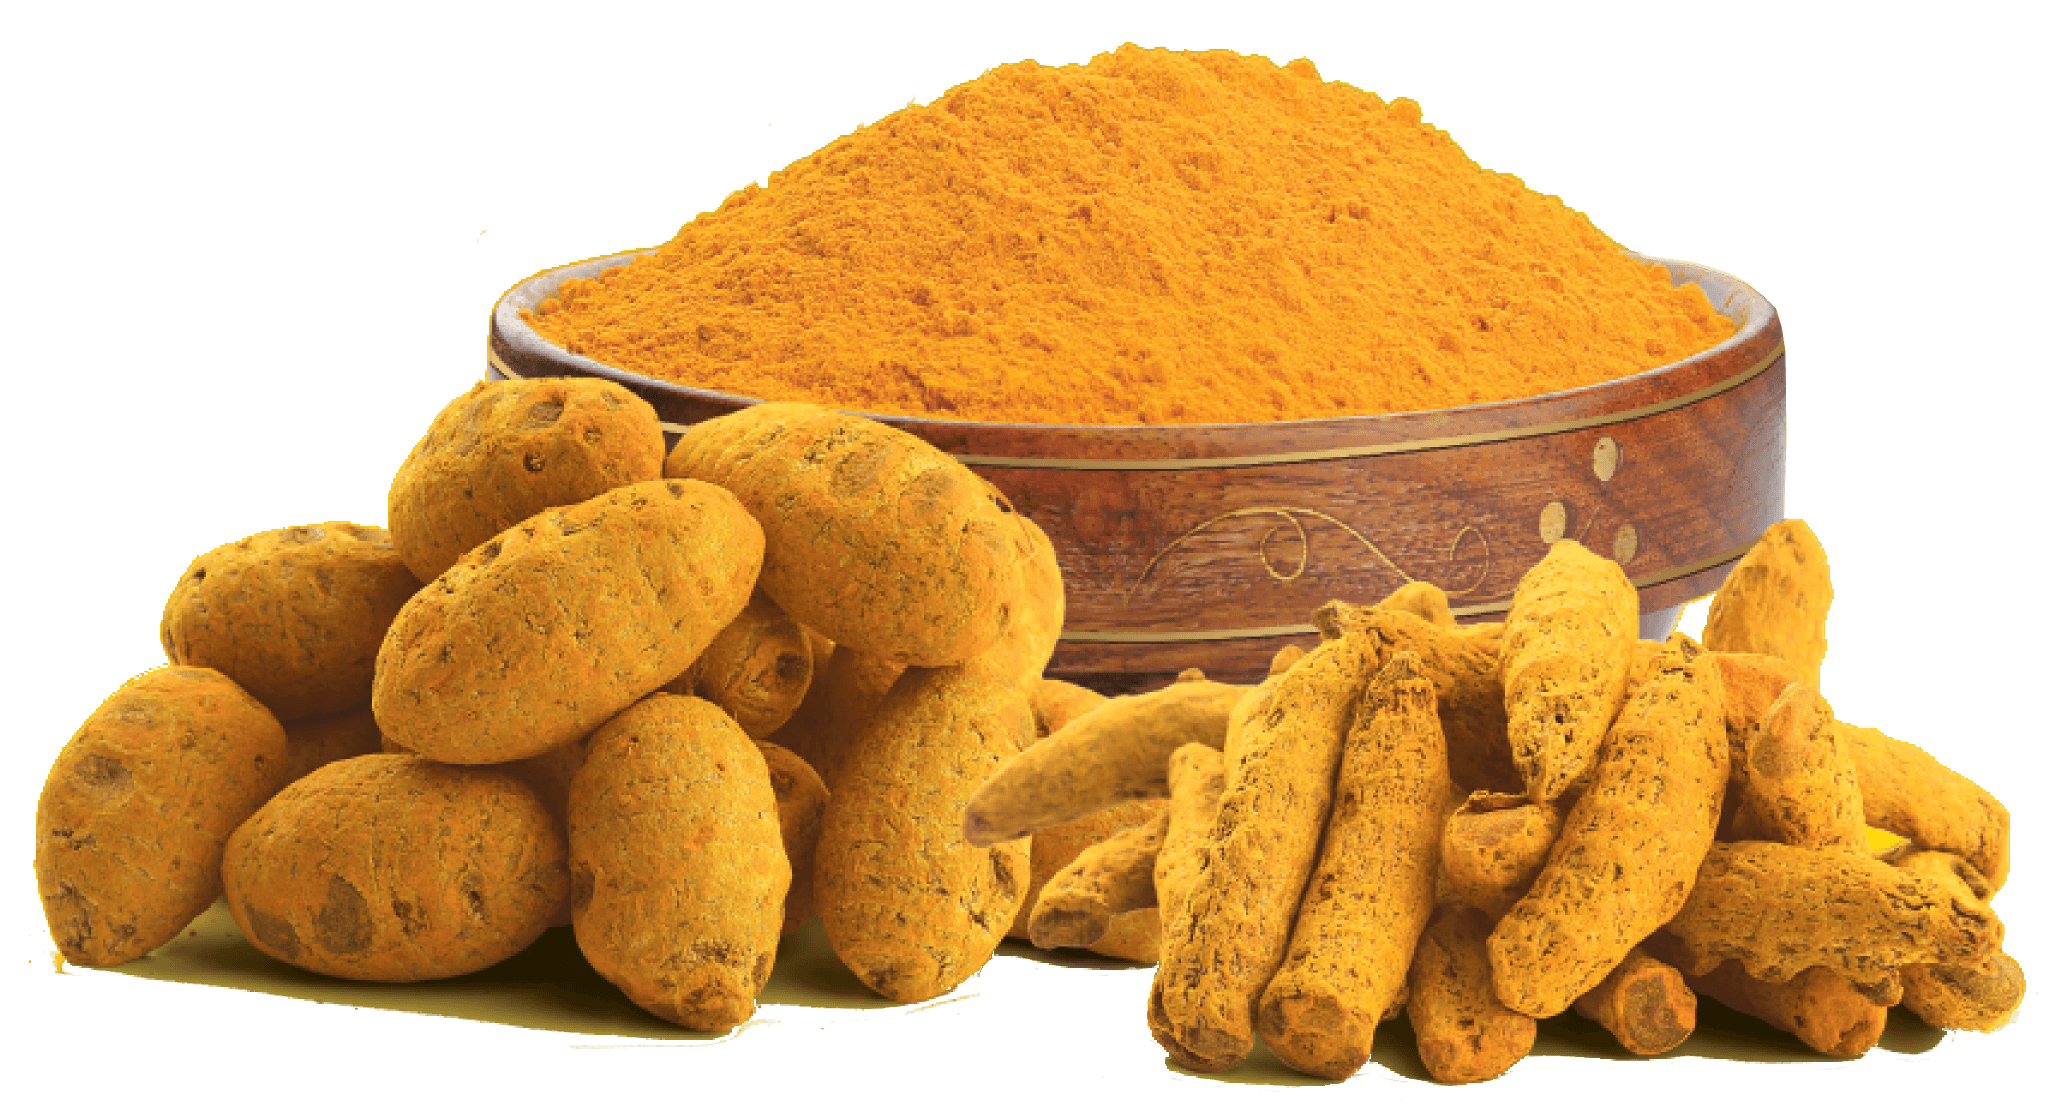 kurkuma-poeder-voor honden-is-het-giftig?